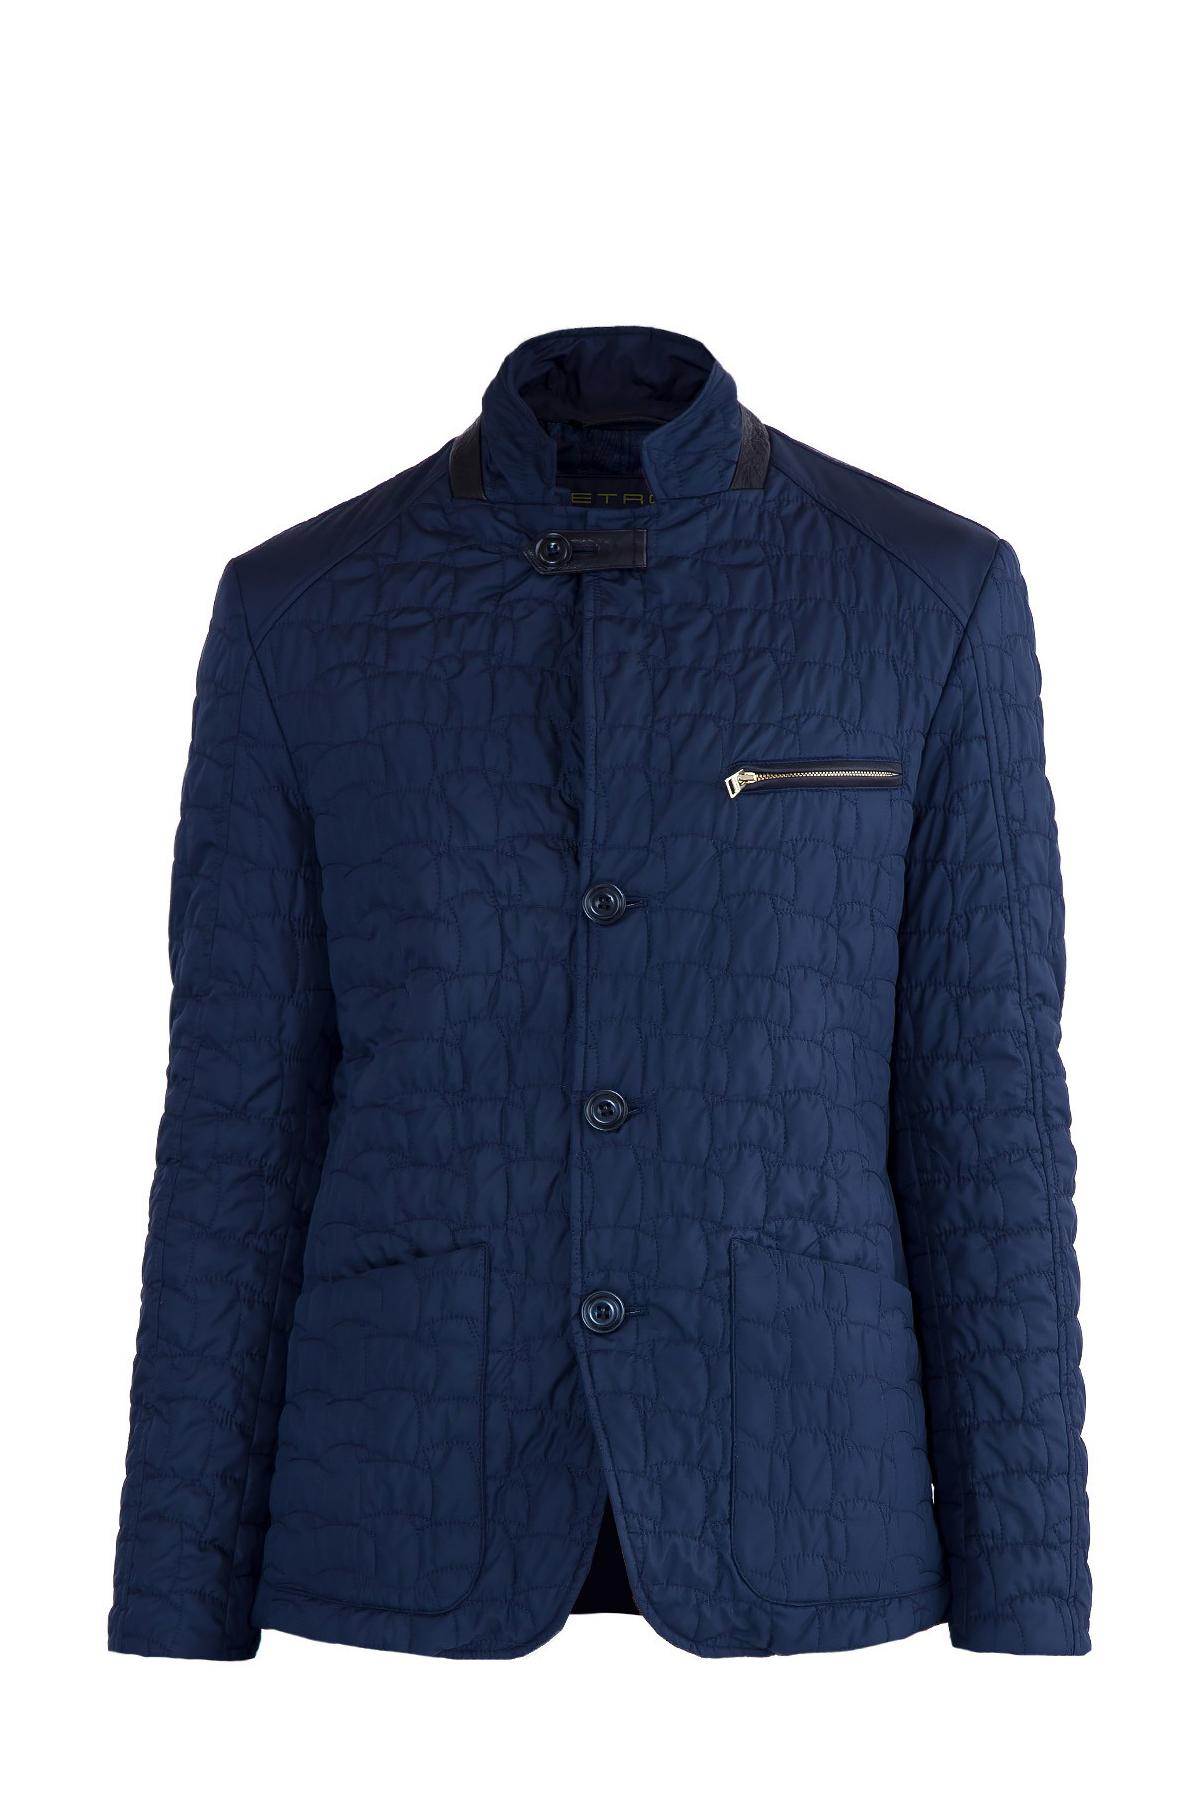 Купить Куртка, ETRO, Италия, полиэстер 100%, кожа 100%, хлопок 95%, эластан 5%, ацетат 60%, вискоза 40%